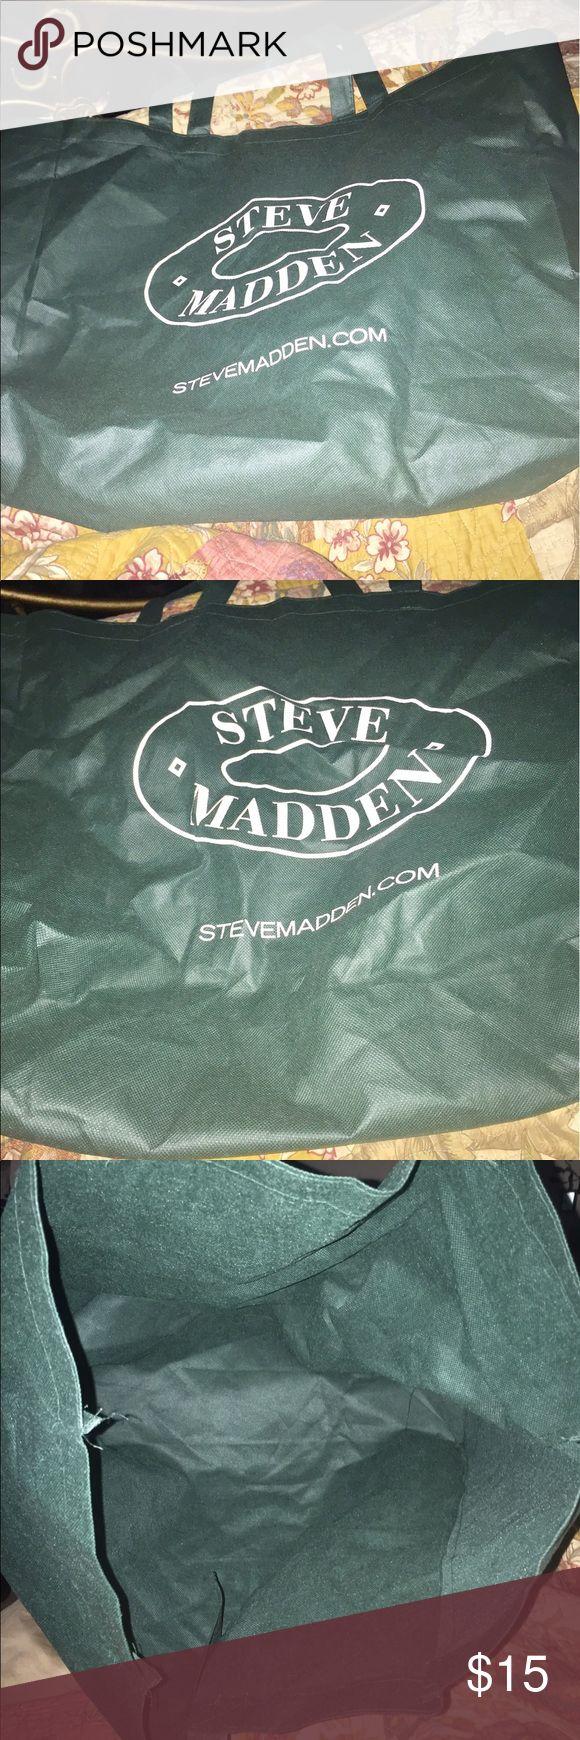 Steve Madden huge green tote bag. Steve Madden huge green tote bag. Fabric/cloth material. Great for shopping, the park or beach. Do not overload. Material is lightweight. Steve Madden Bags Totes